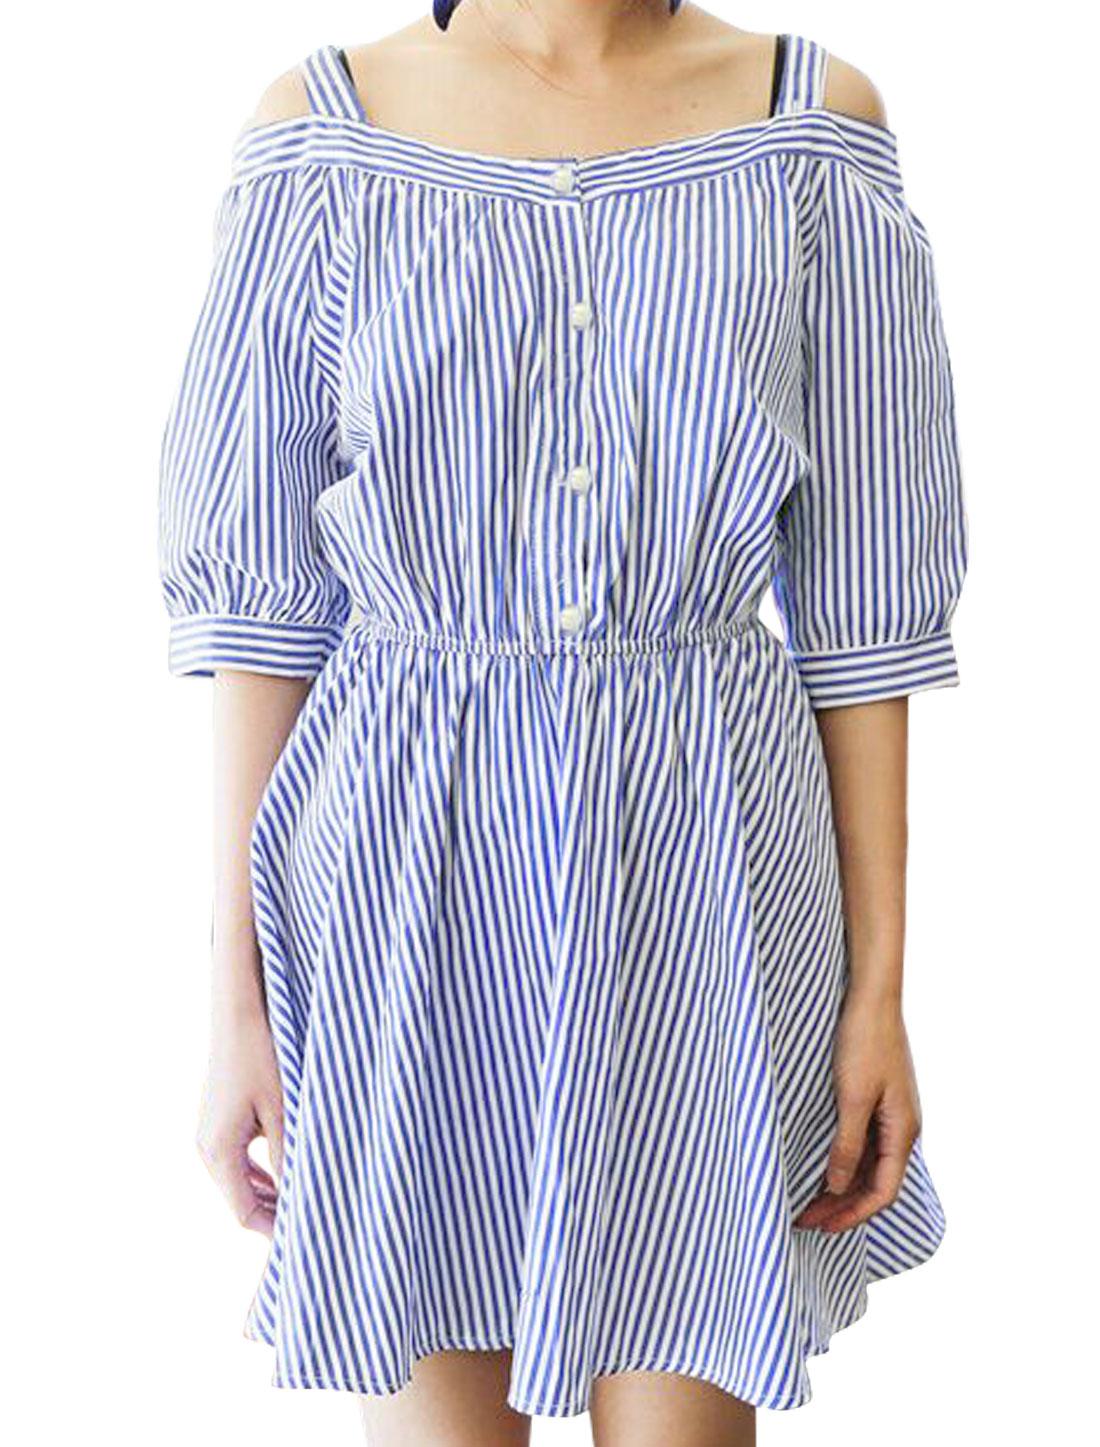 Women Straps Open Shoulder 1/2 Button Closure Stripes Dress Blue S